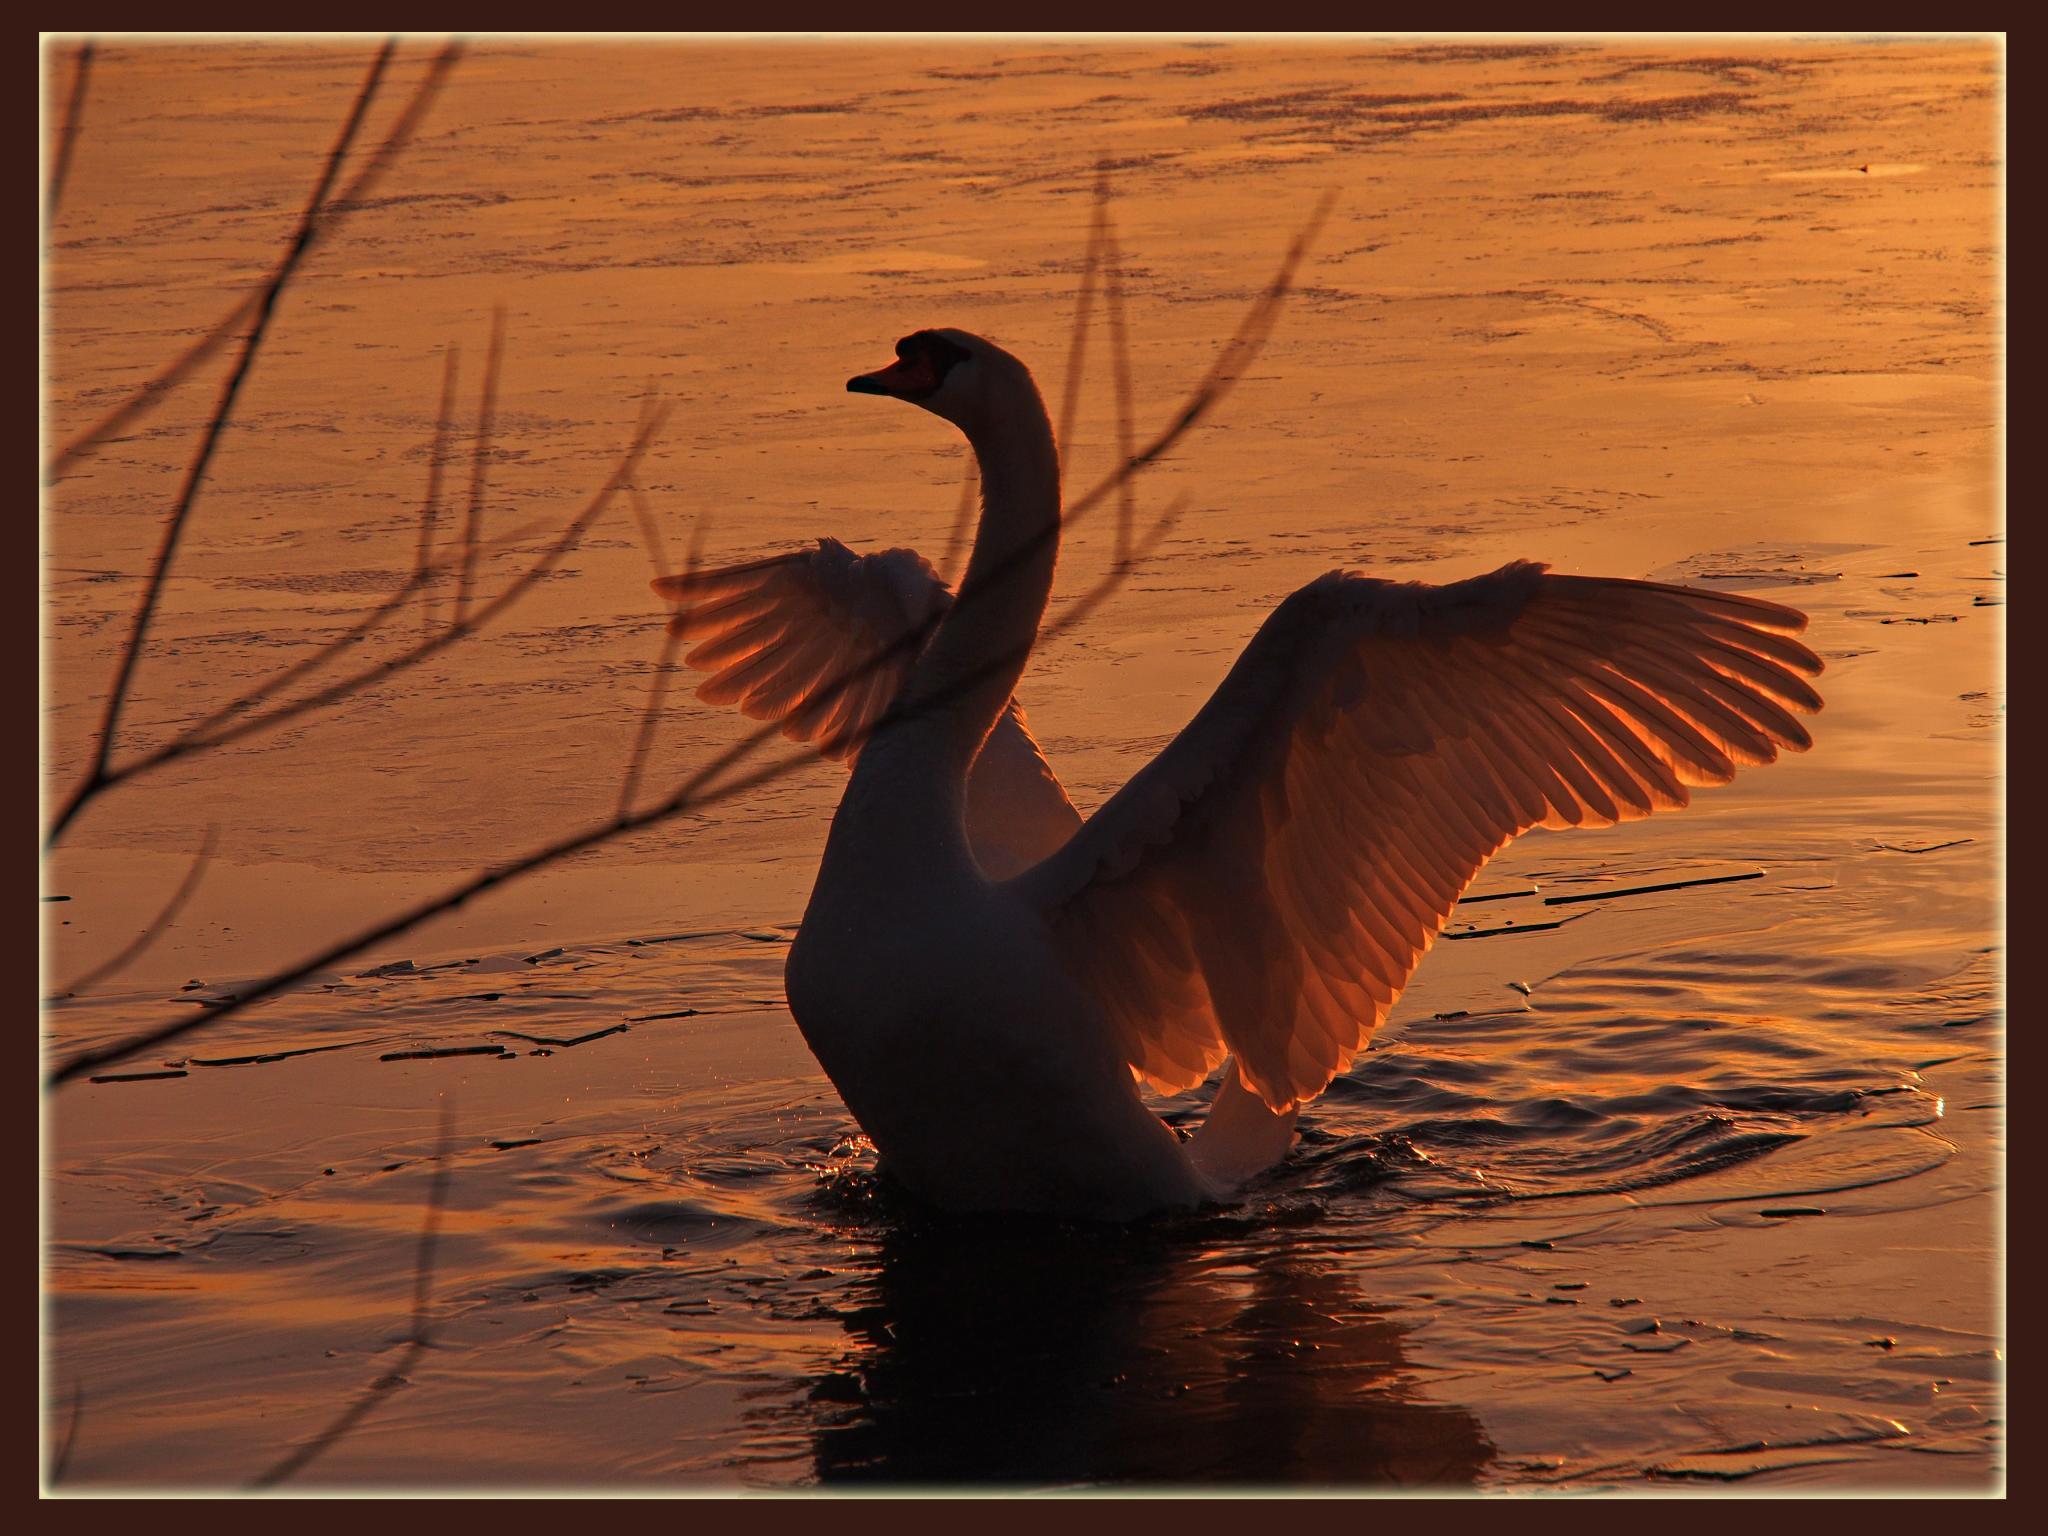 работать будем фото лебеди на закате солнца время